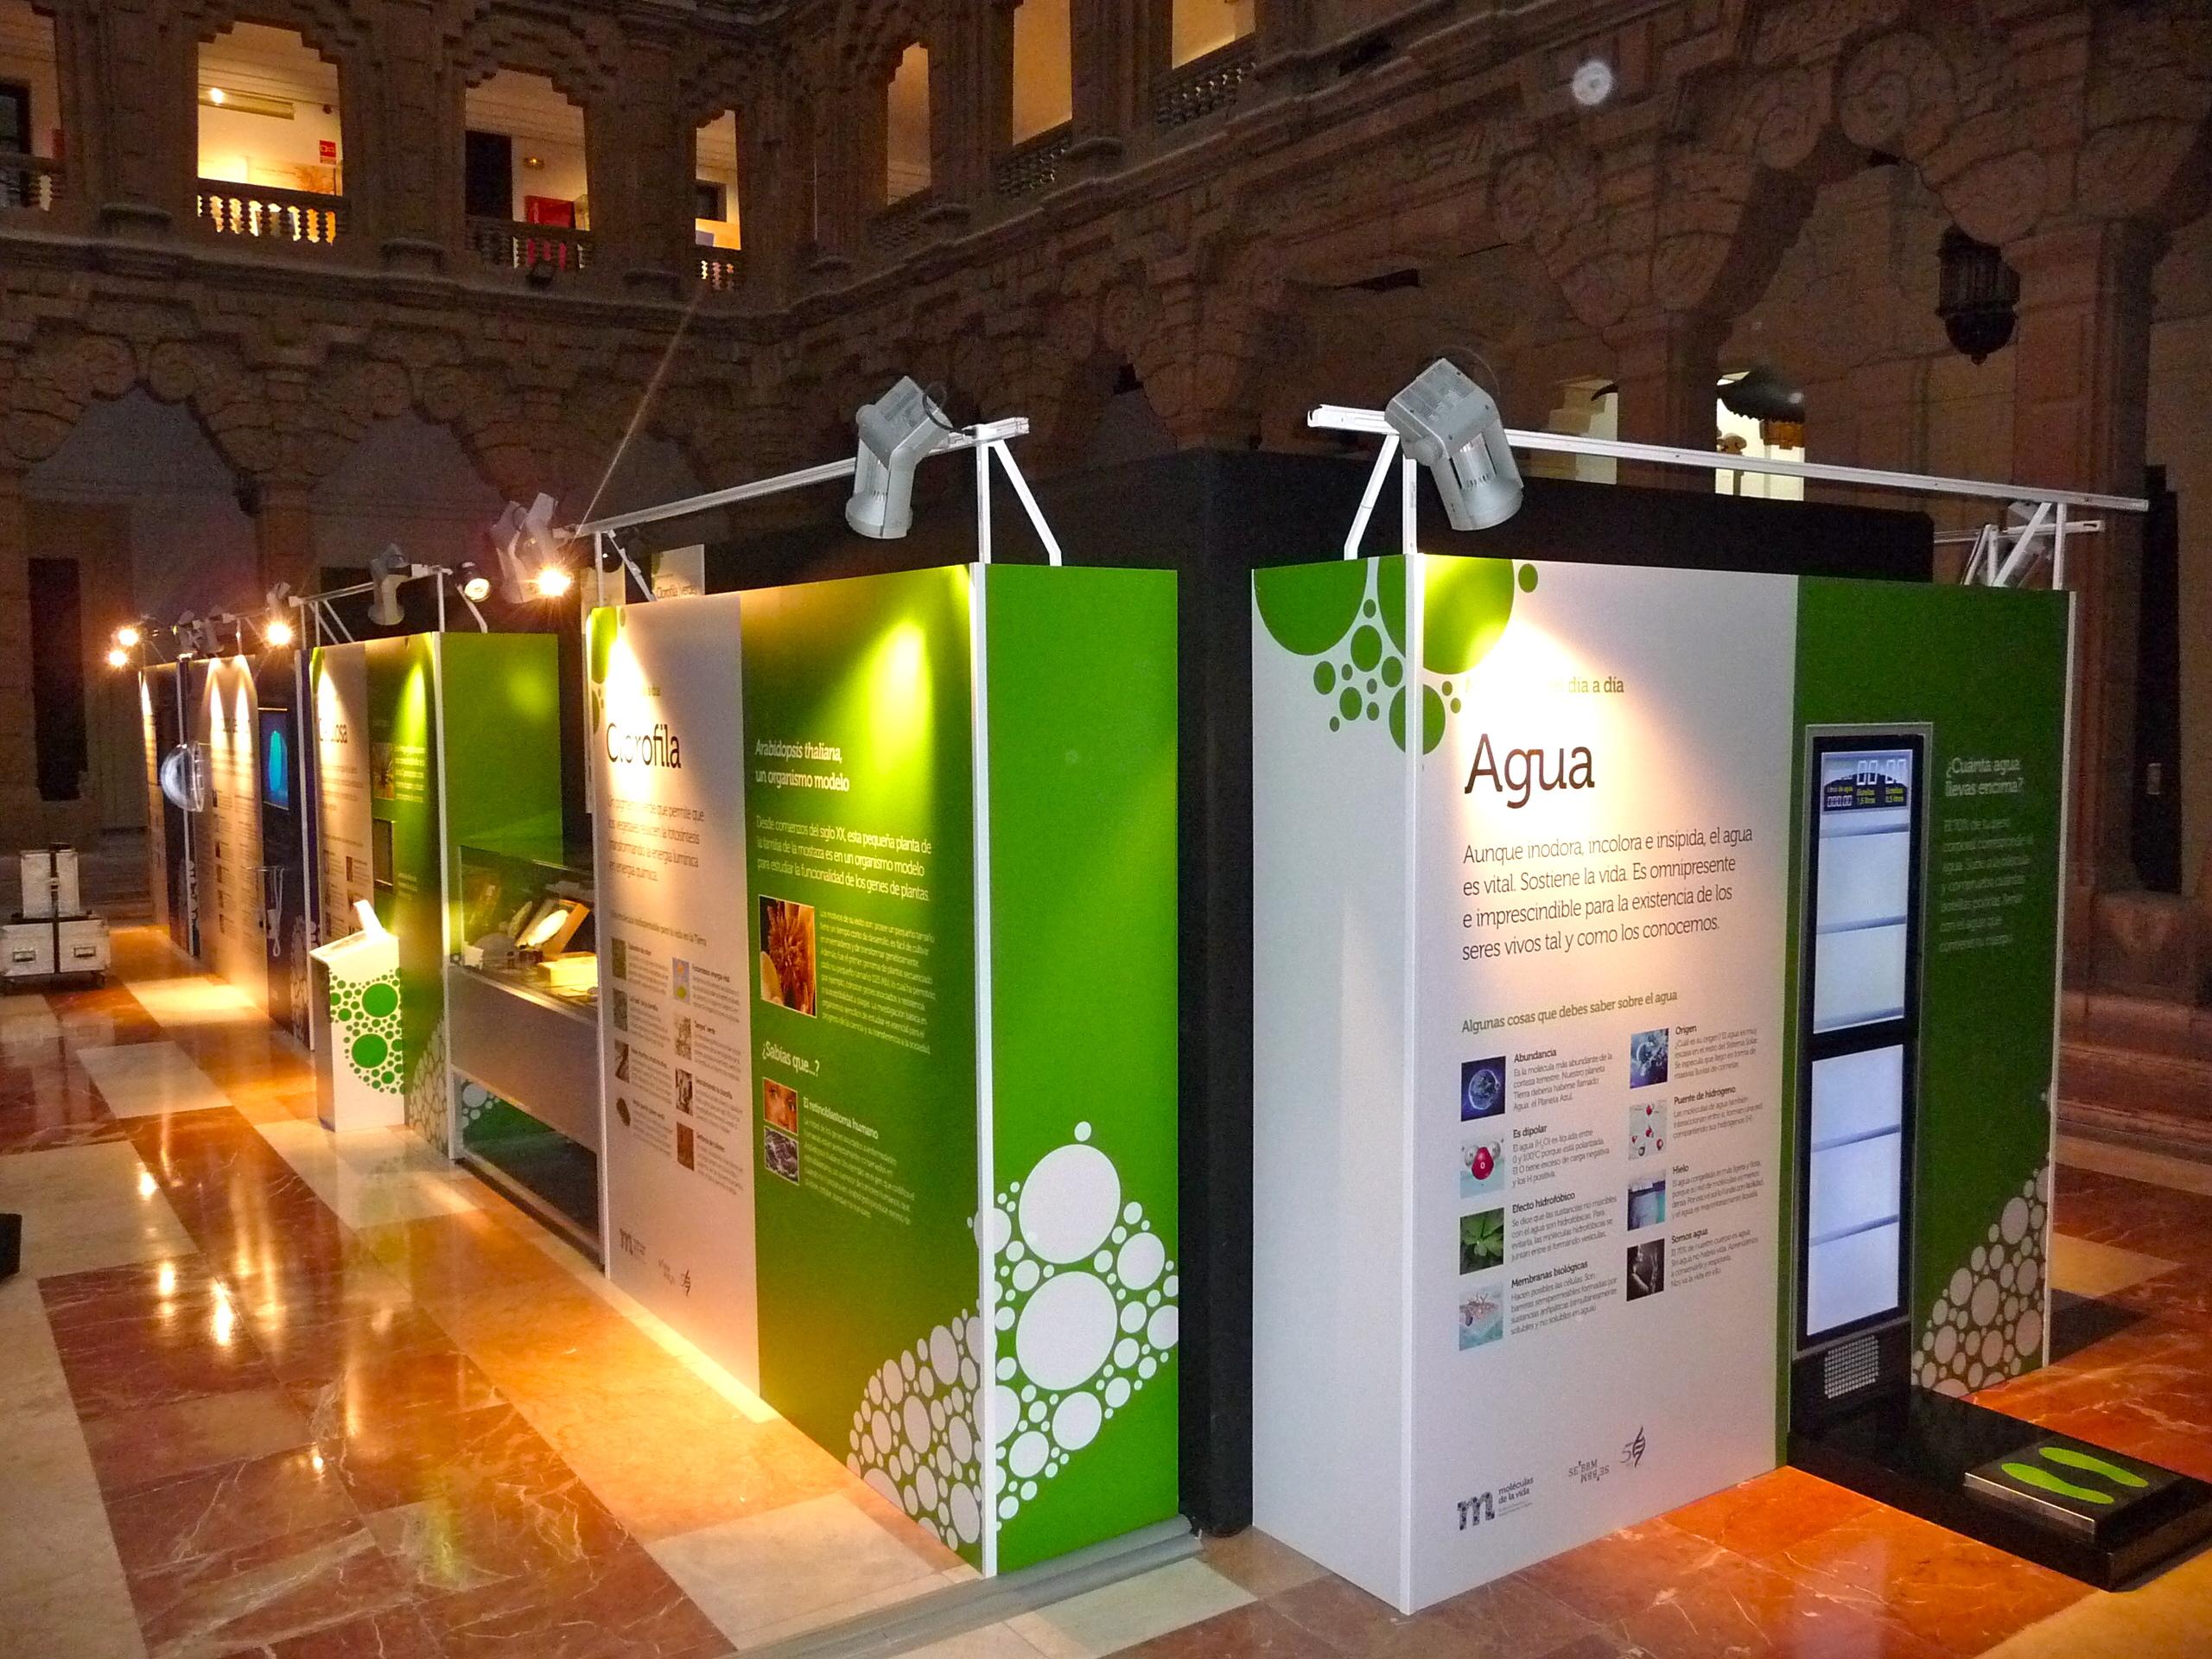 La exposición Moléculas de la vida sigue su itineraria por colegios de Málaga